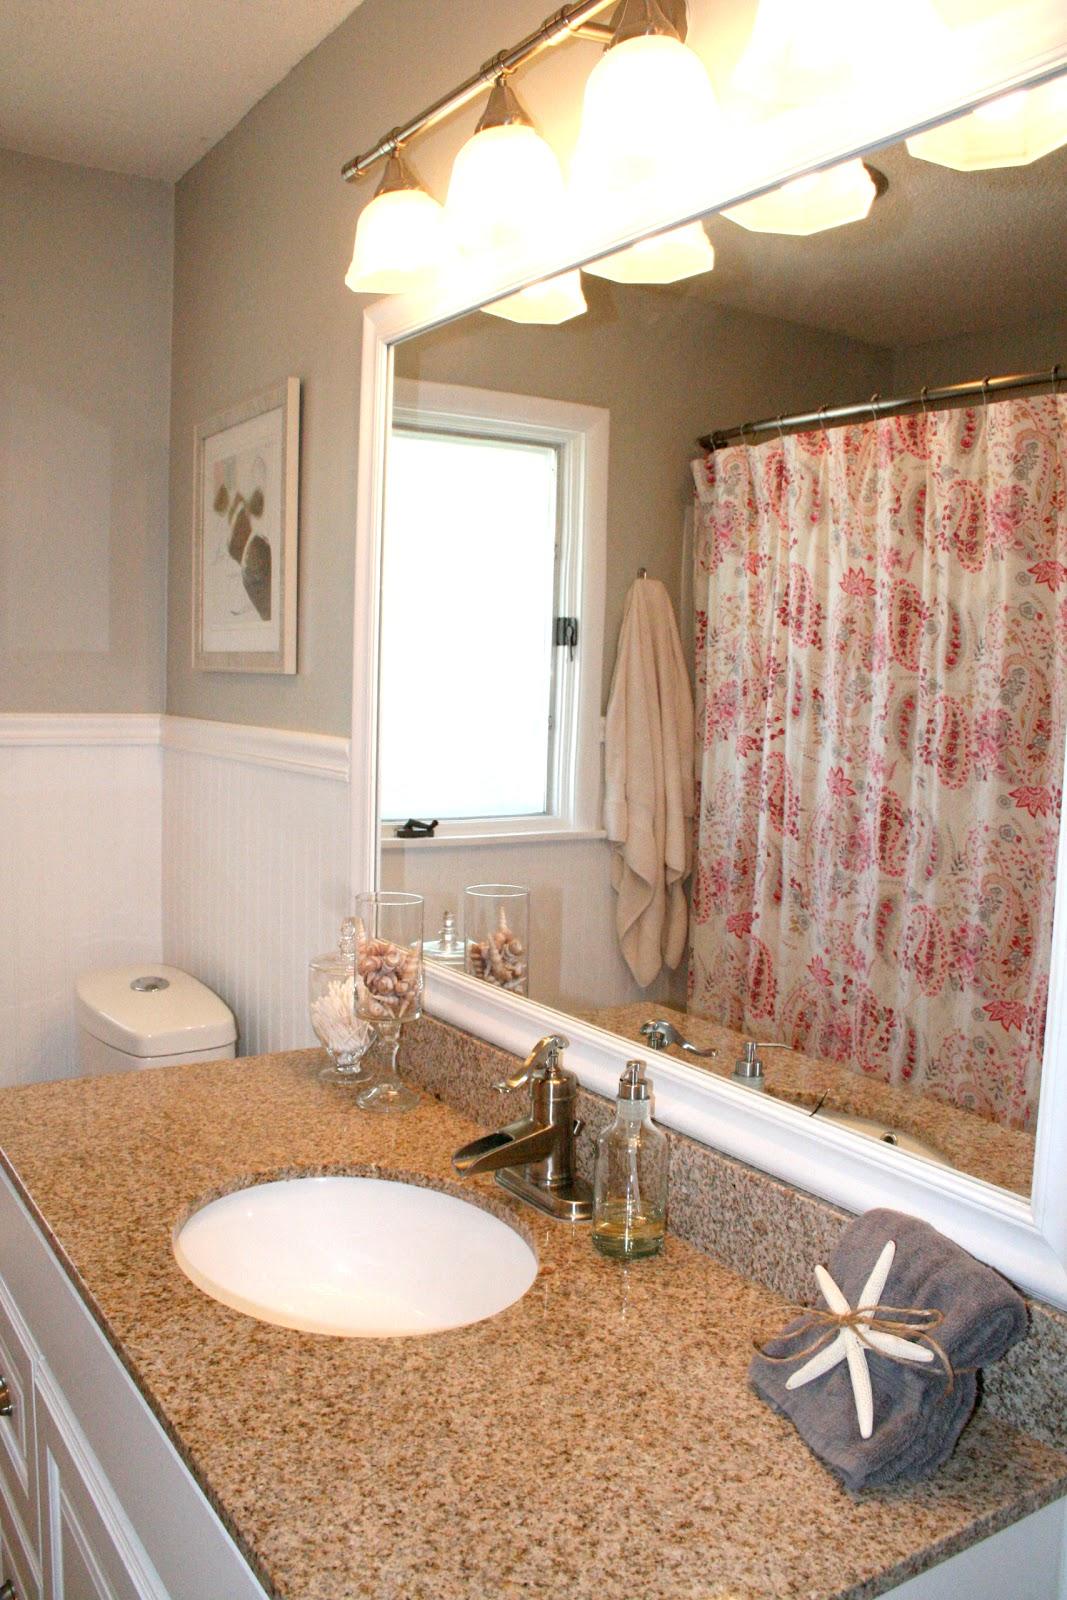 Remodelaholic | No More Pink Tile: Bathroom Remodel